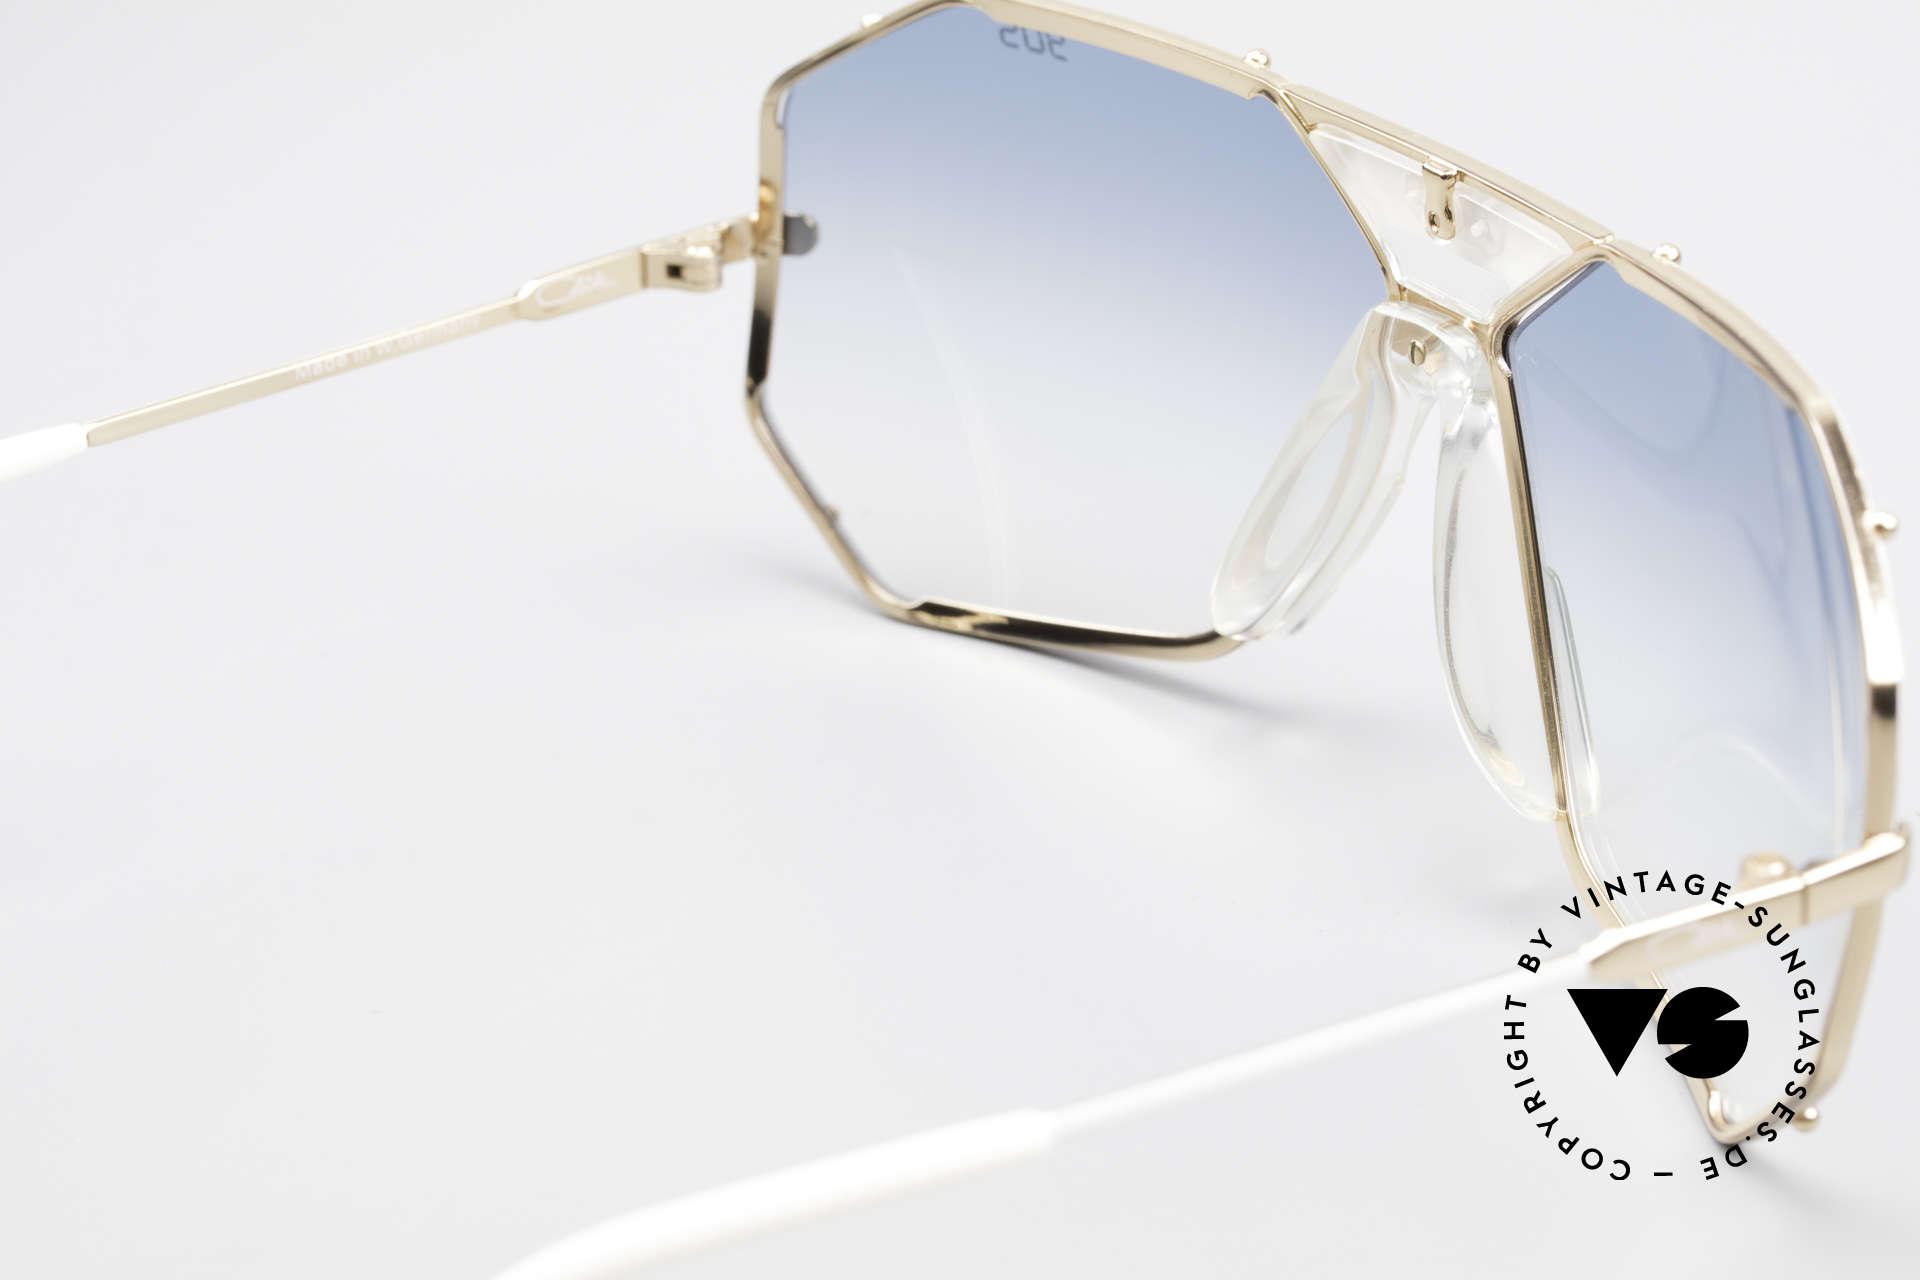 Cazal 905 Gwen Stefani Vintage Brille, u.a. getragen von Gwen Stefani (The Sweet Escape), Passend für Herren und Damen